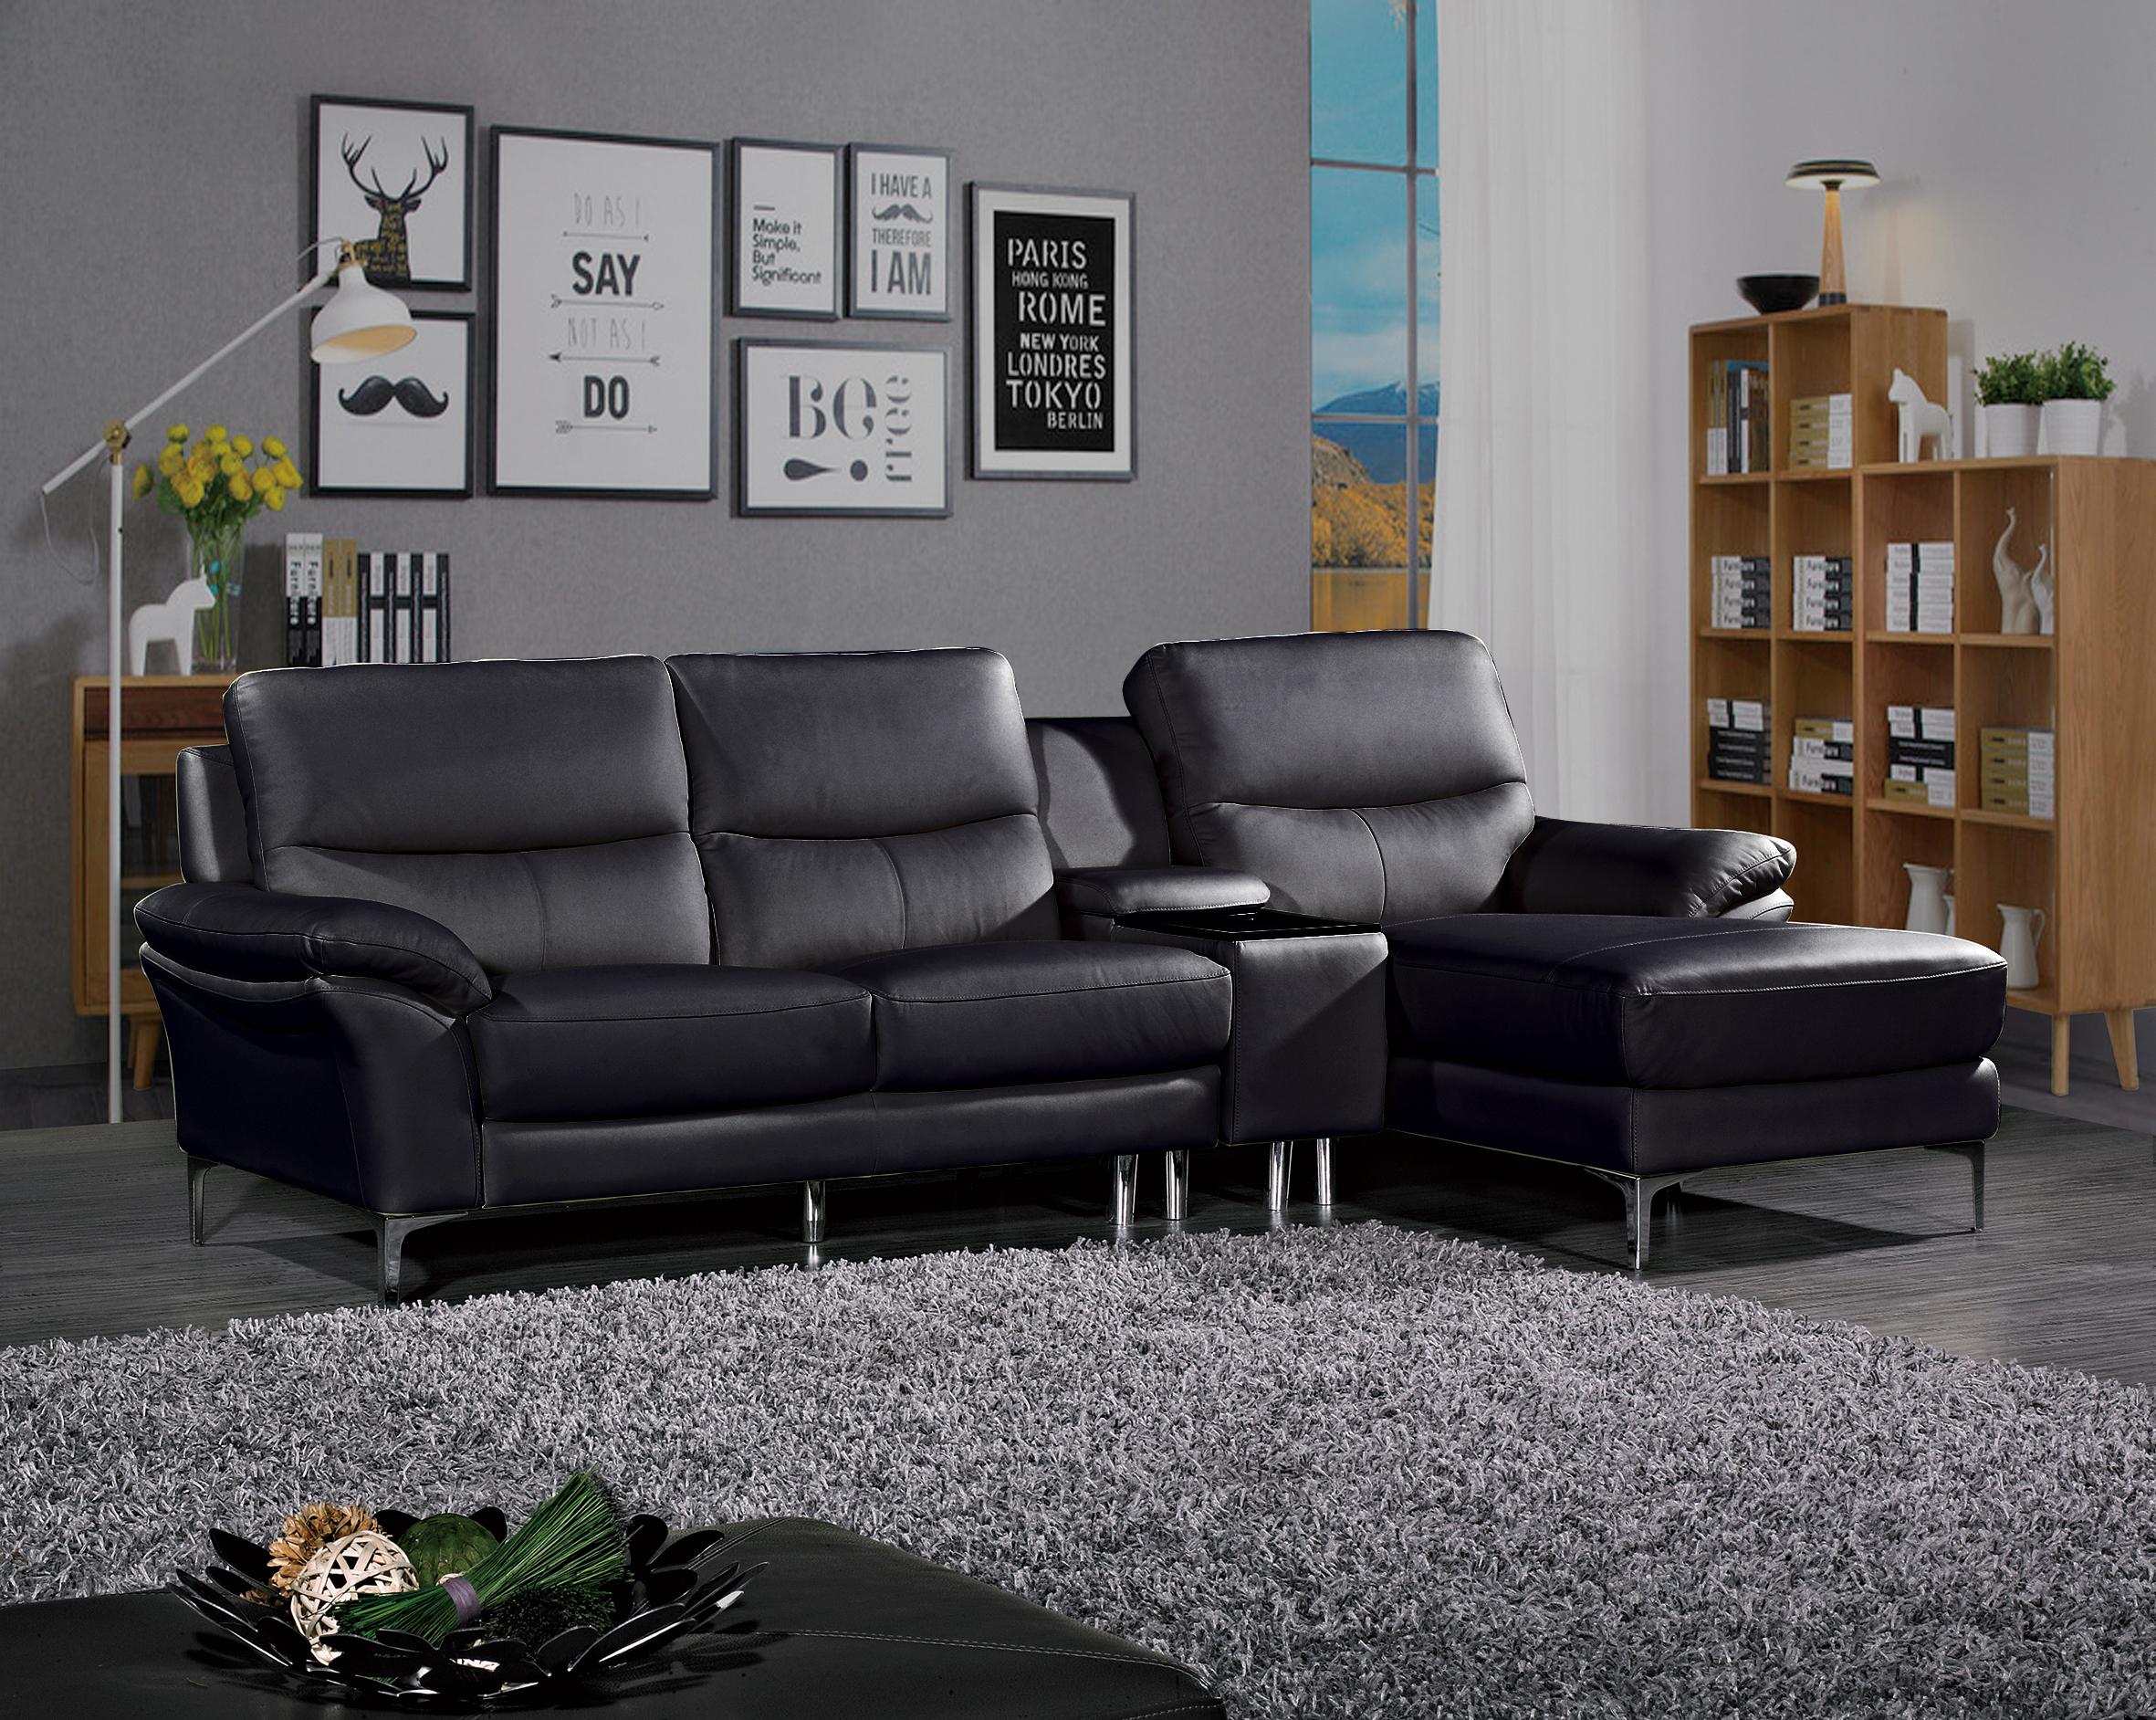 סנסציוני סלון עור אמיתי פינתי דגם מרטיני צבע שחור - GAROX - חנות רהיטים UC-97